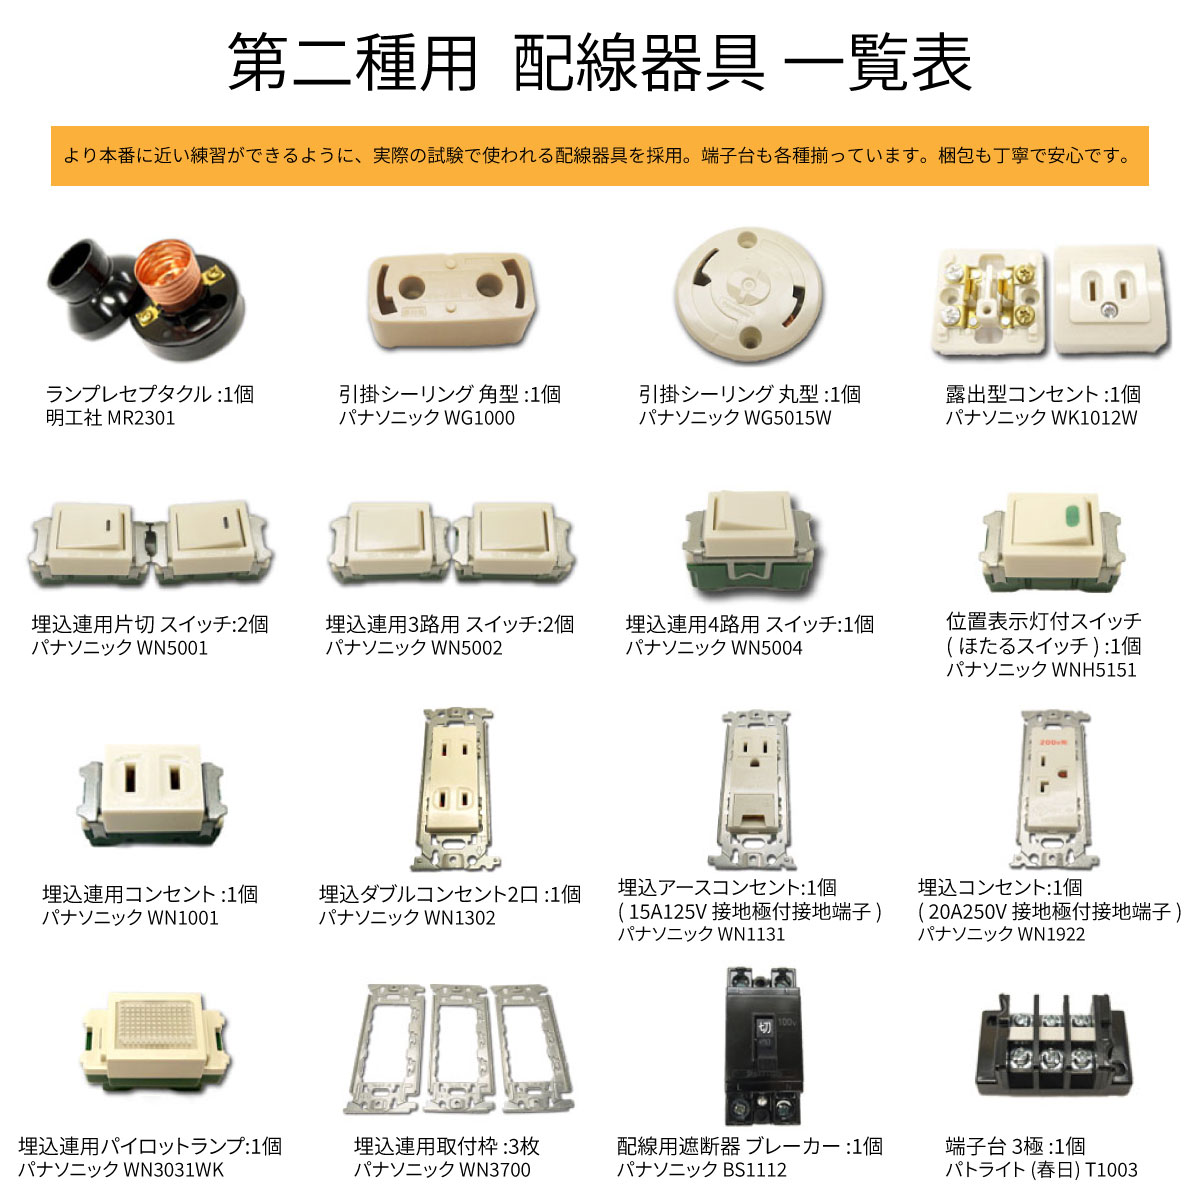 第二種用 電線器具ダブルセット 電線1回分と器具一式 2021年版